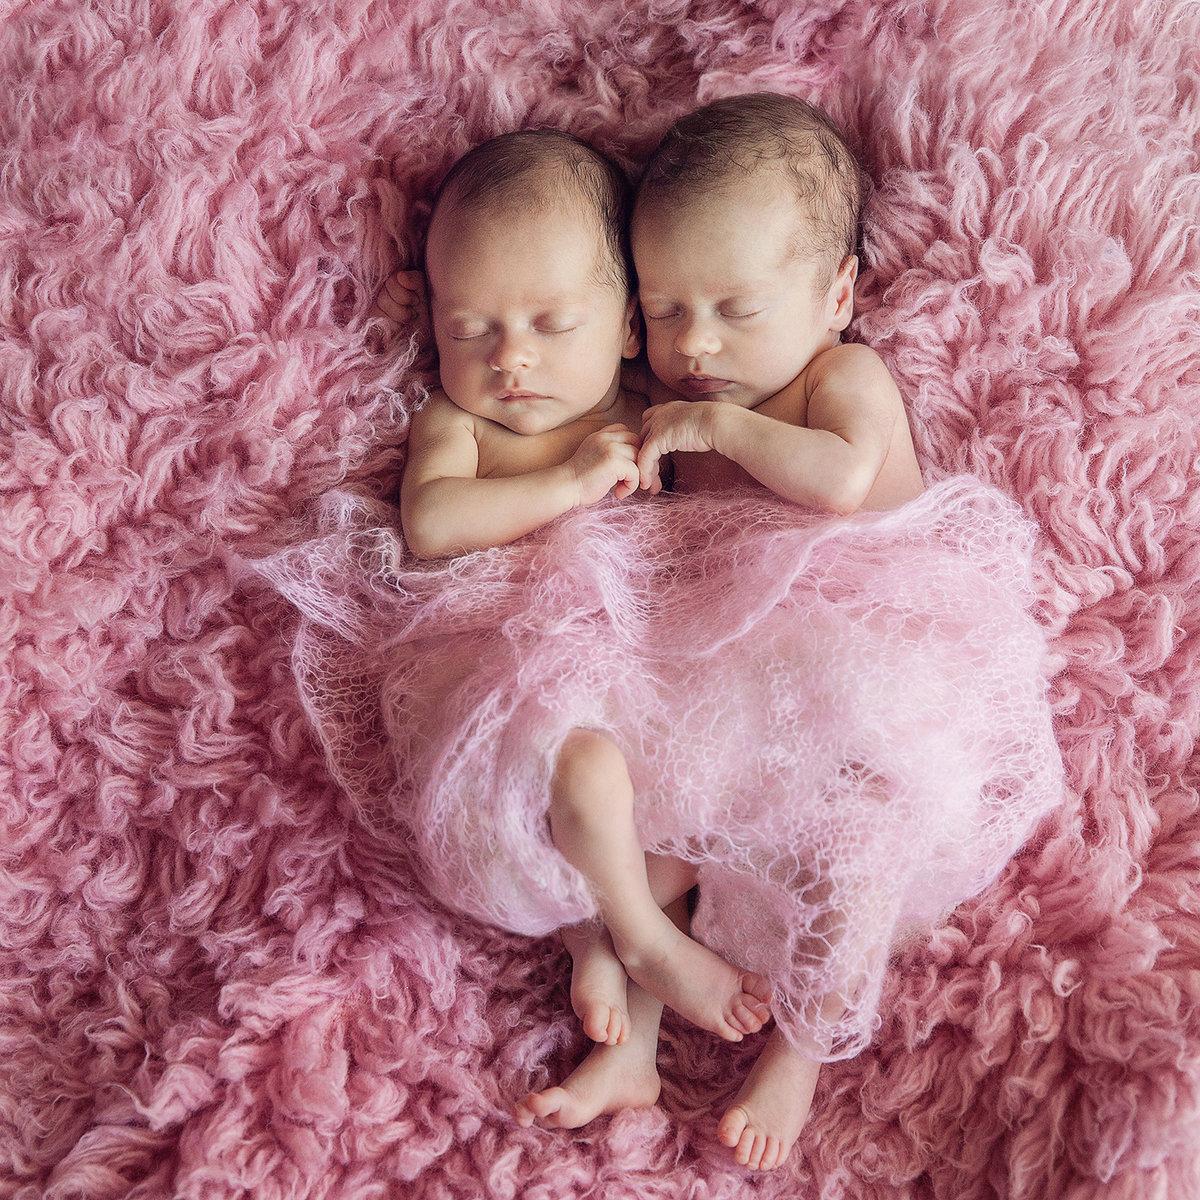 Картинки двойняшек девочек новорожденных